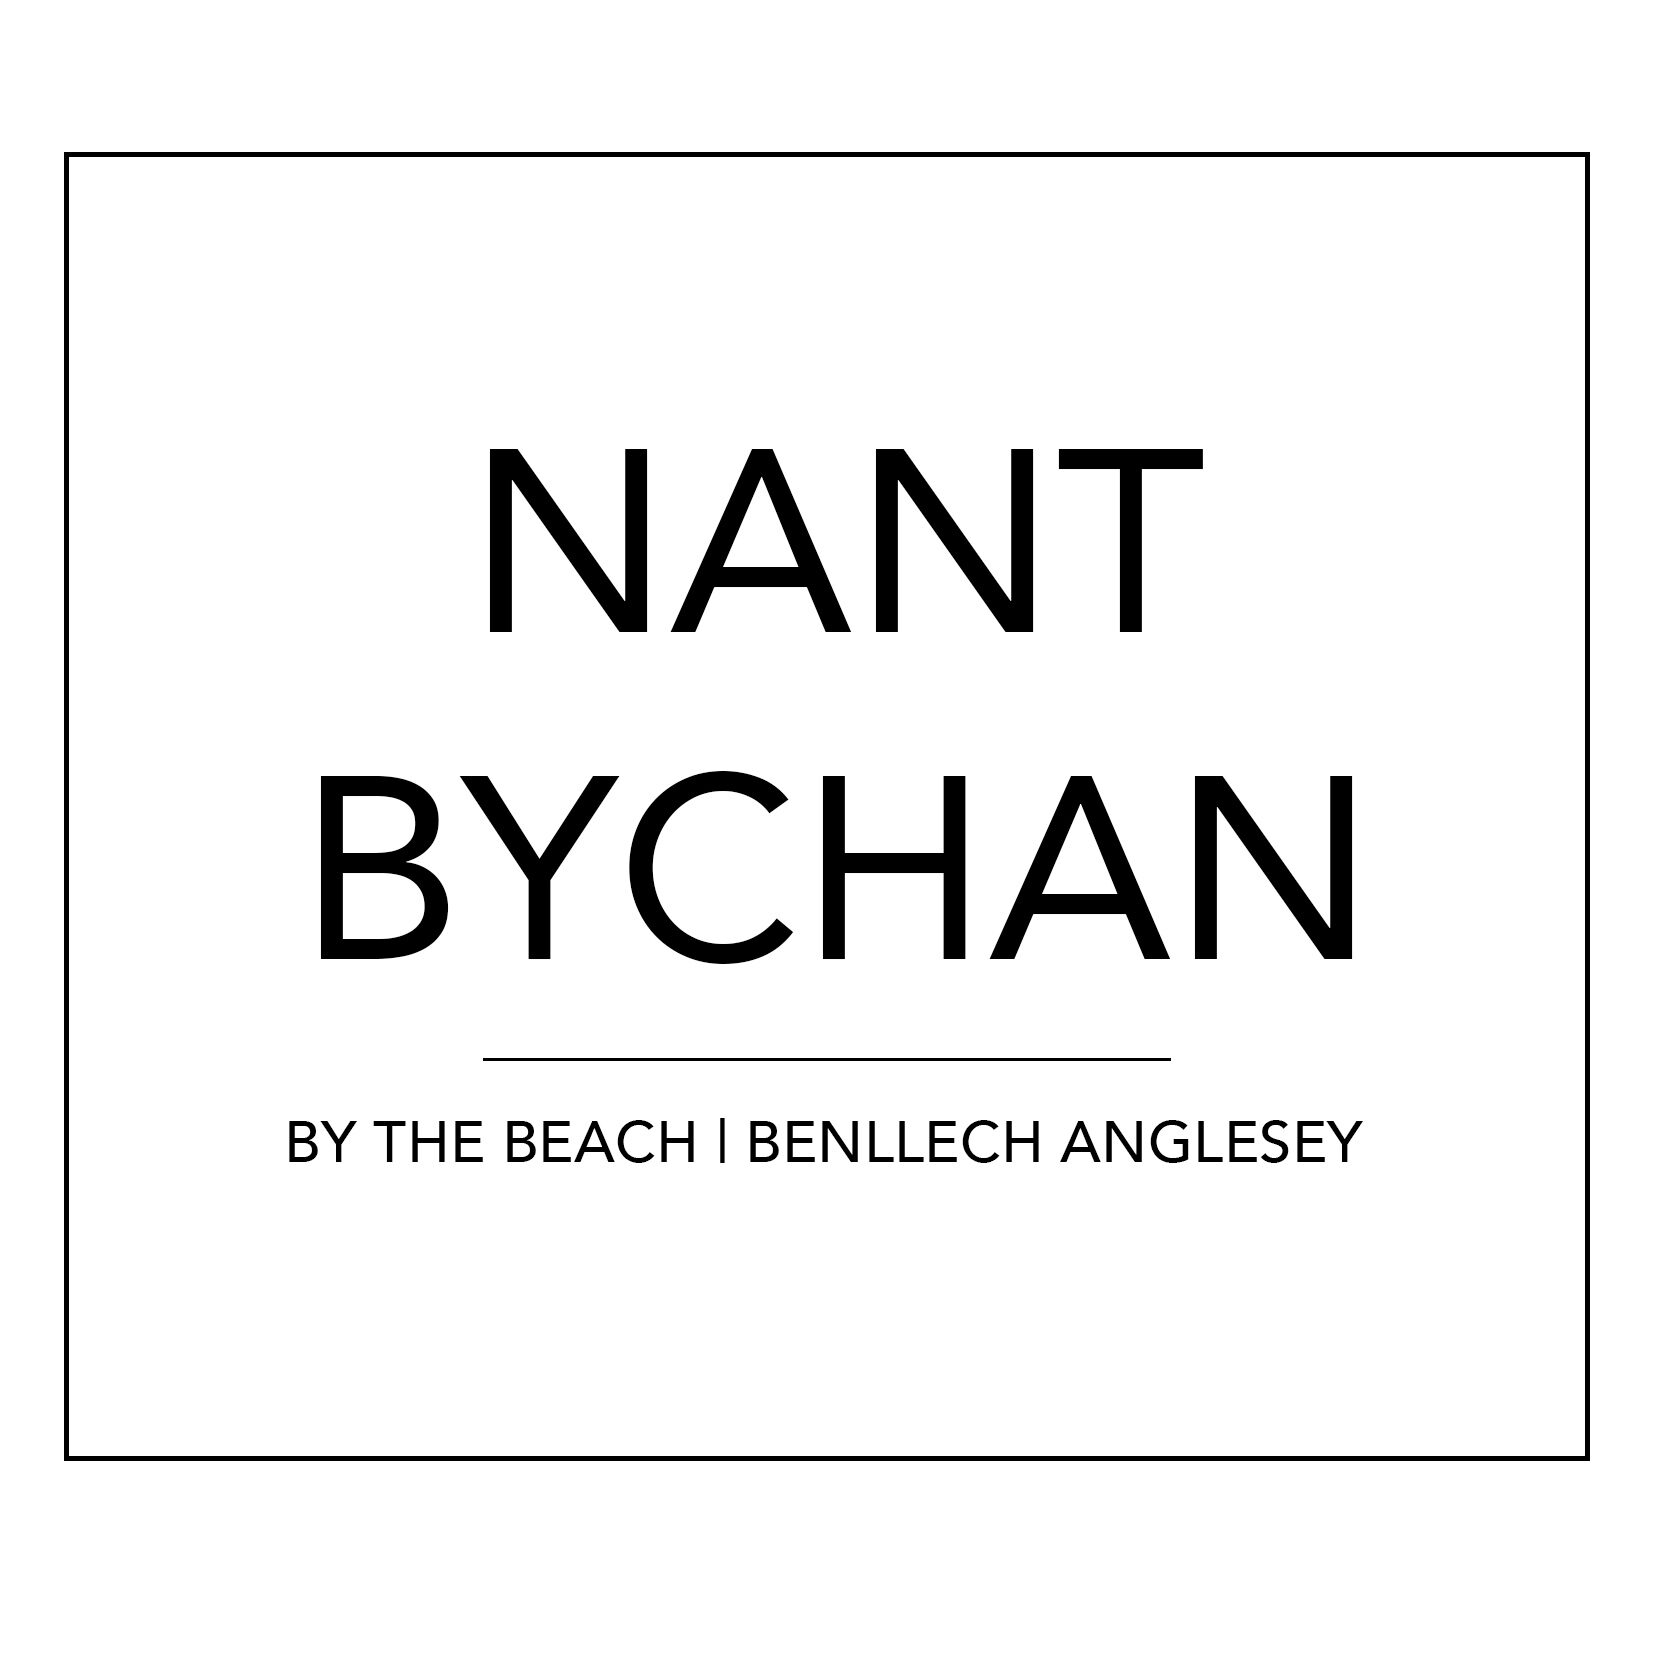 Nant Bychan